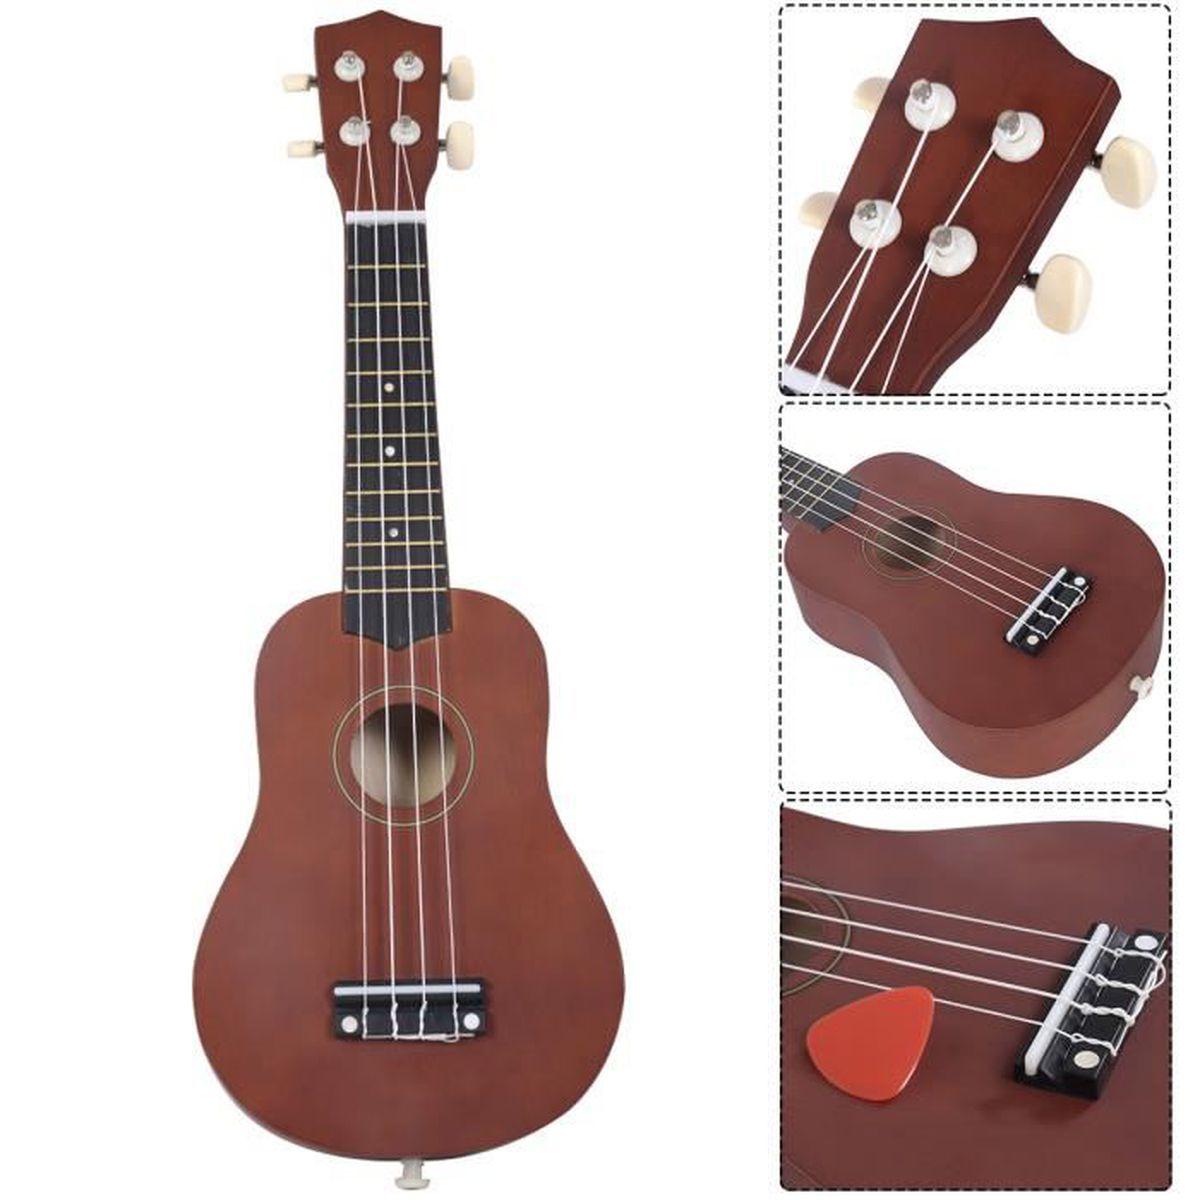 21 ukul l guitare instruments de musique cordes for Instruments de musique dax